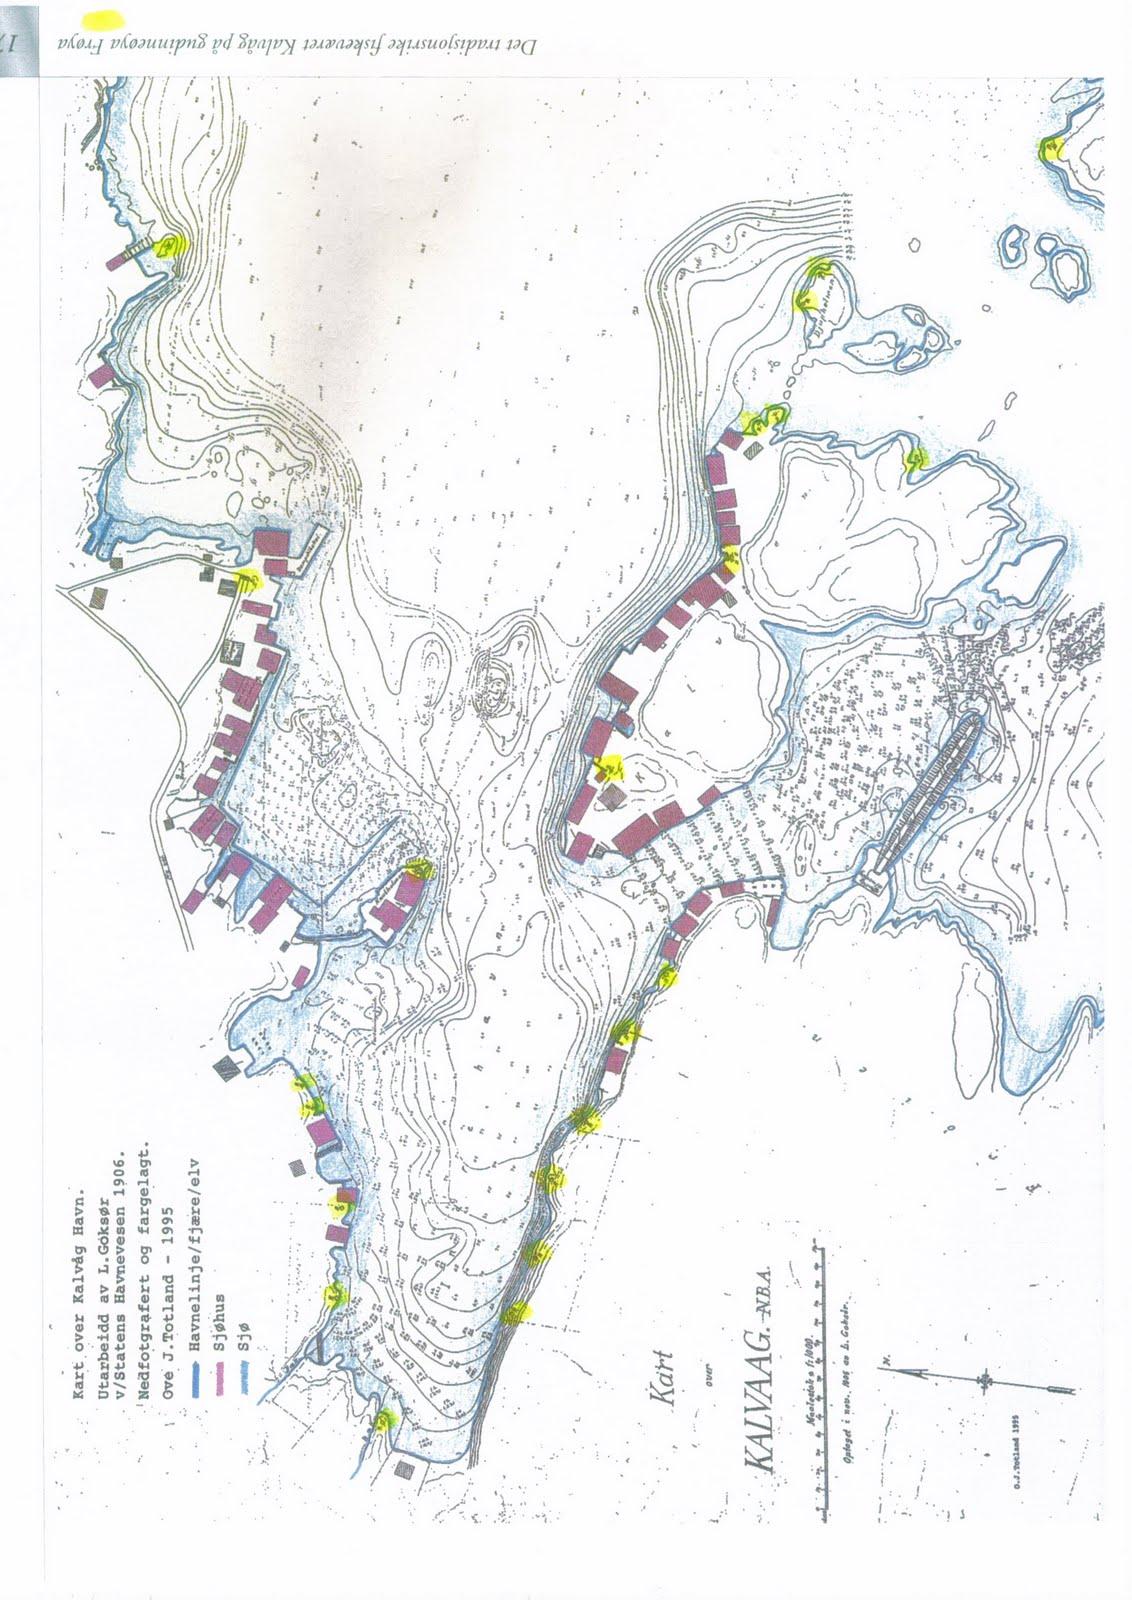 kart kalvåg KALVÅG FOTOBLOGG: februar 2010 kart kalvåg